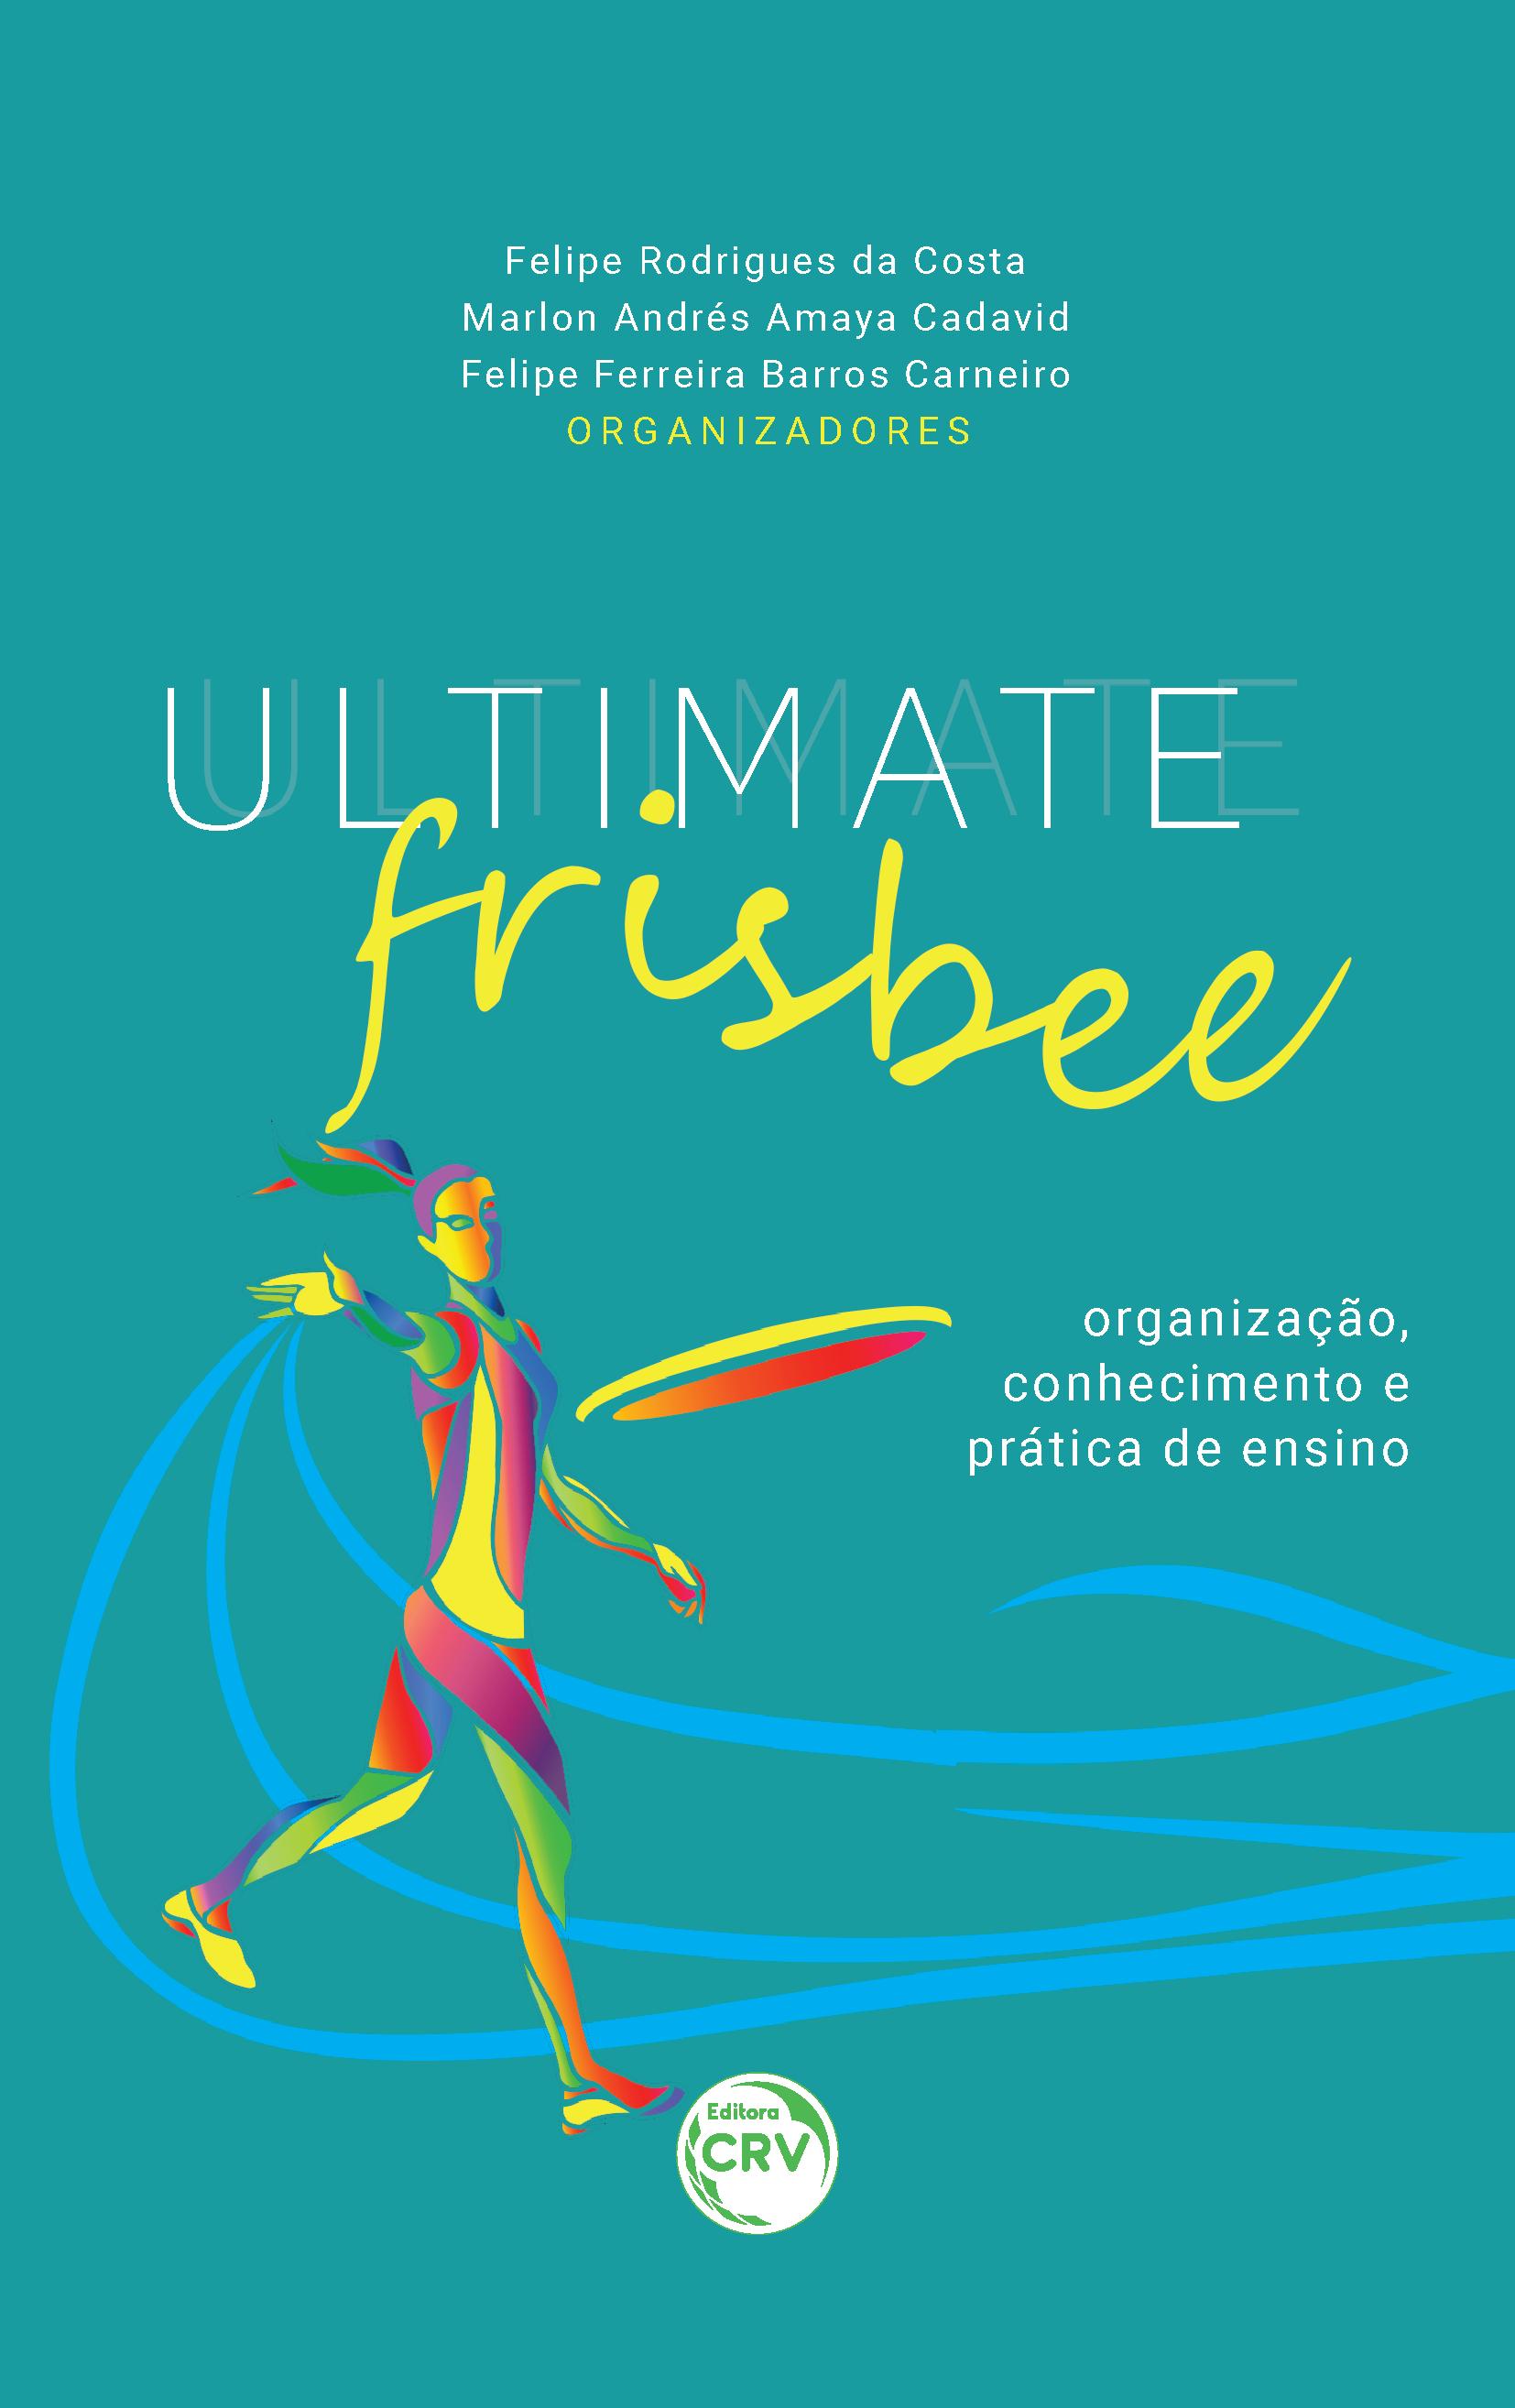 Capa do livro: ULTIMATE FRISBEE: <br>organização, conhecimento e prática de ensino